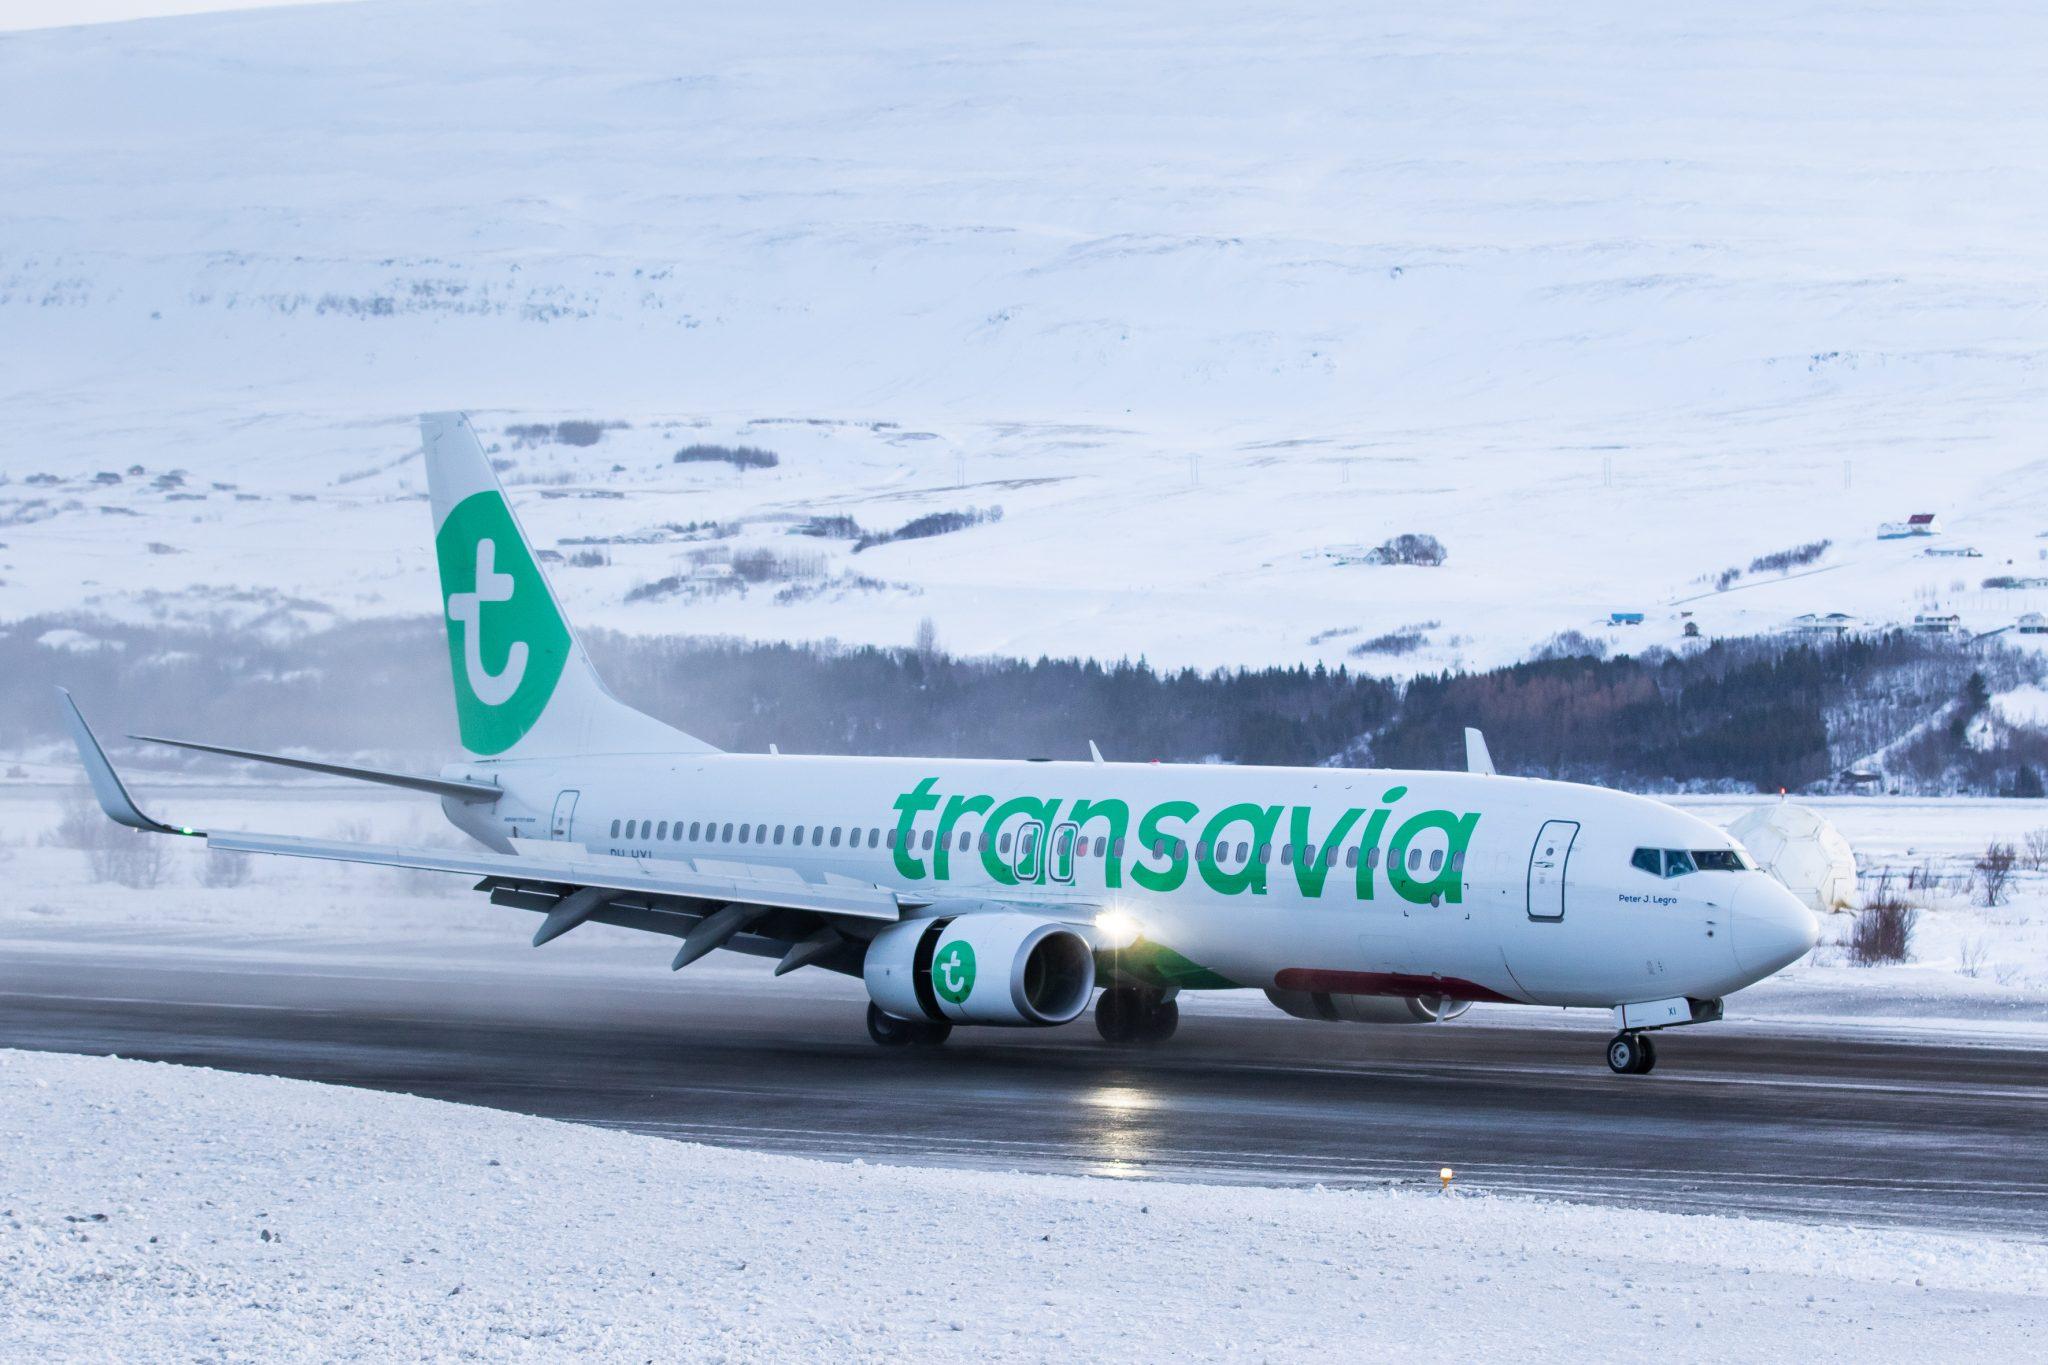 Vetrarflugi frá Hollandi til Akureyrar aflýst vegna heimsfaraldurs